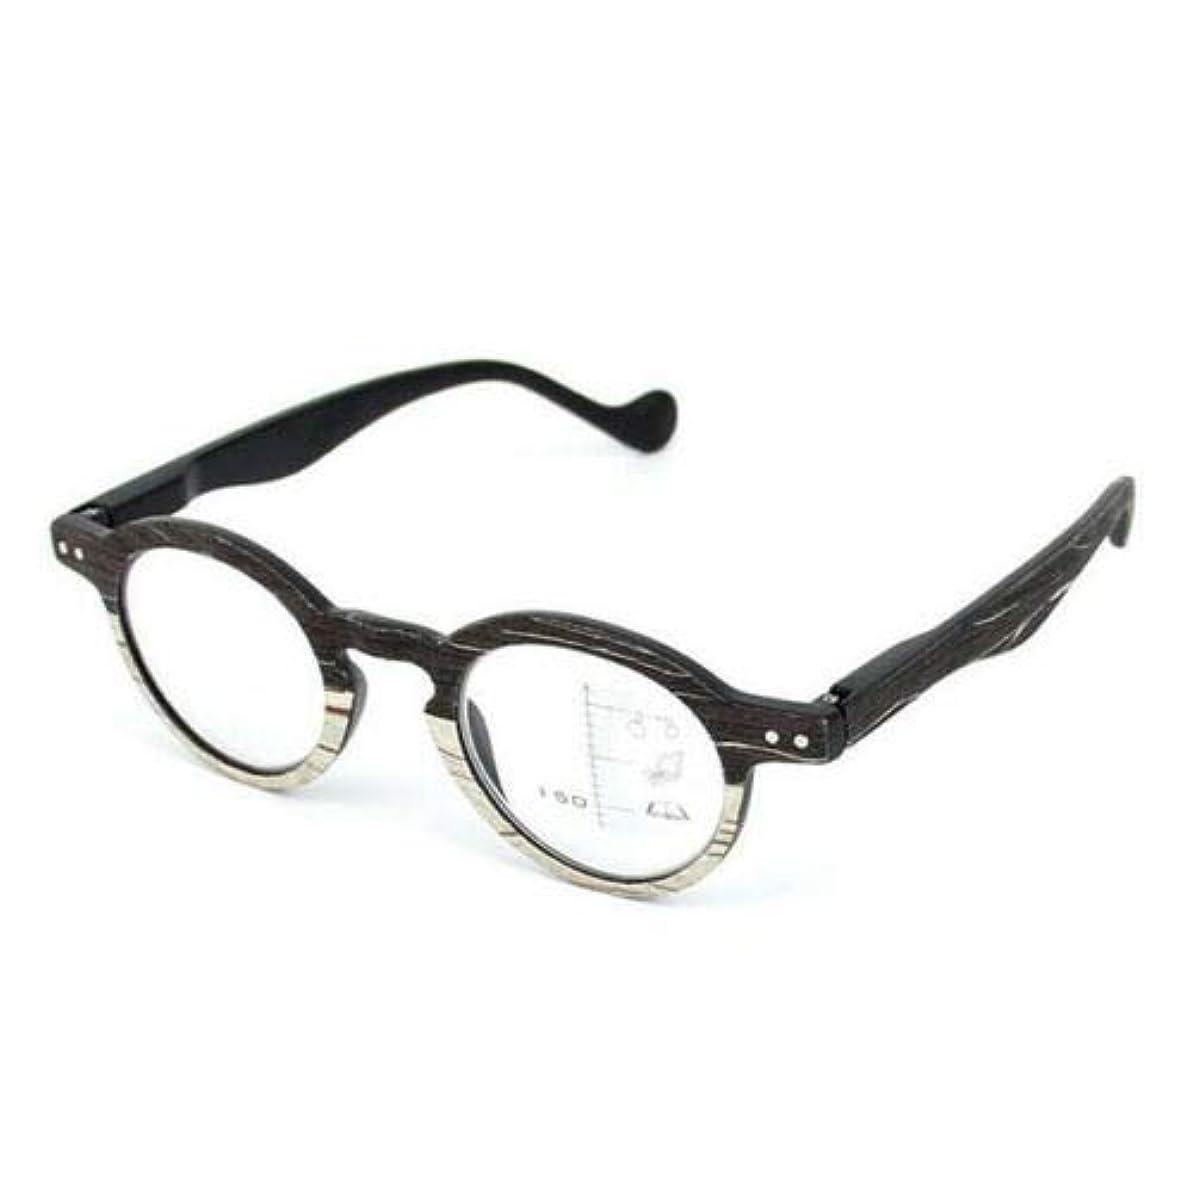 必要とするすずめ葬儀FidgetGear ウッドグレインプログレッシブ老眼鏡レトロマルチフォーカス女性男性眼鏡 ブラック